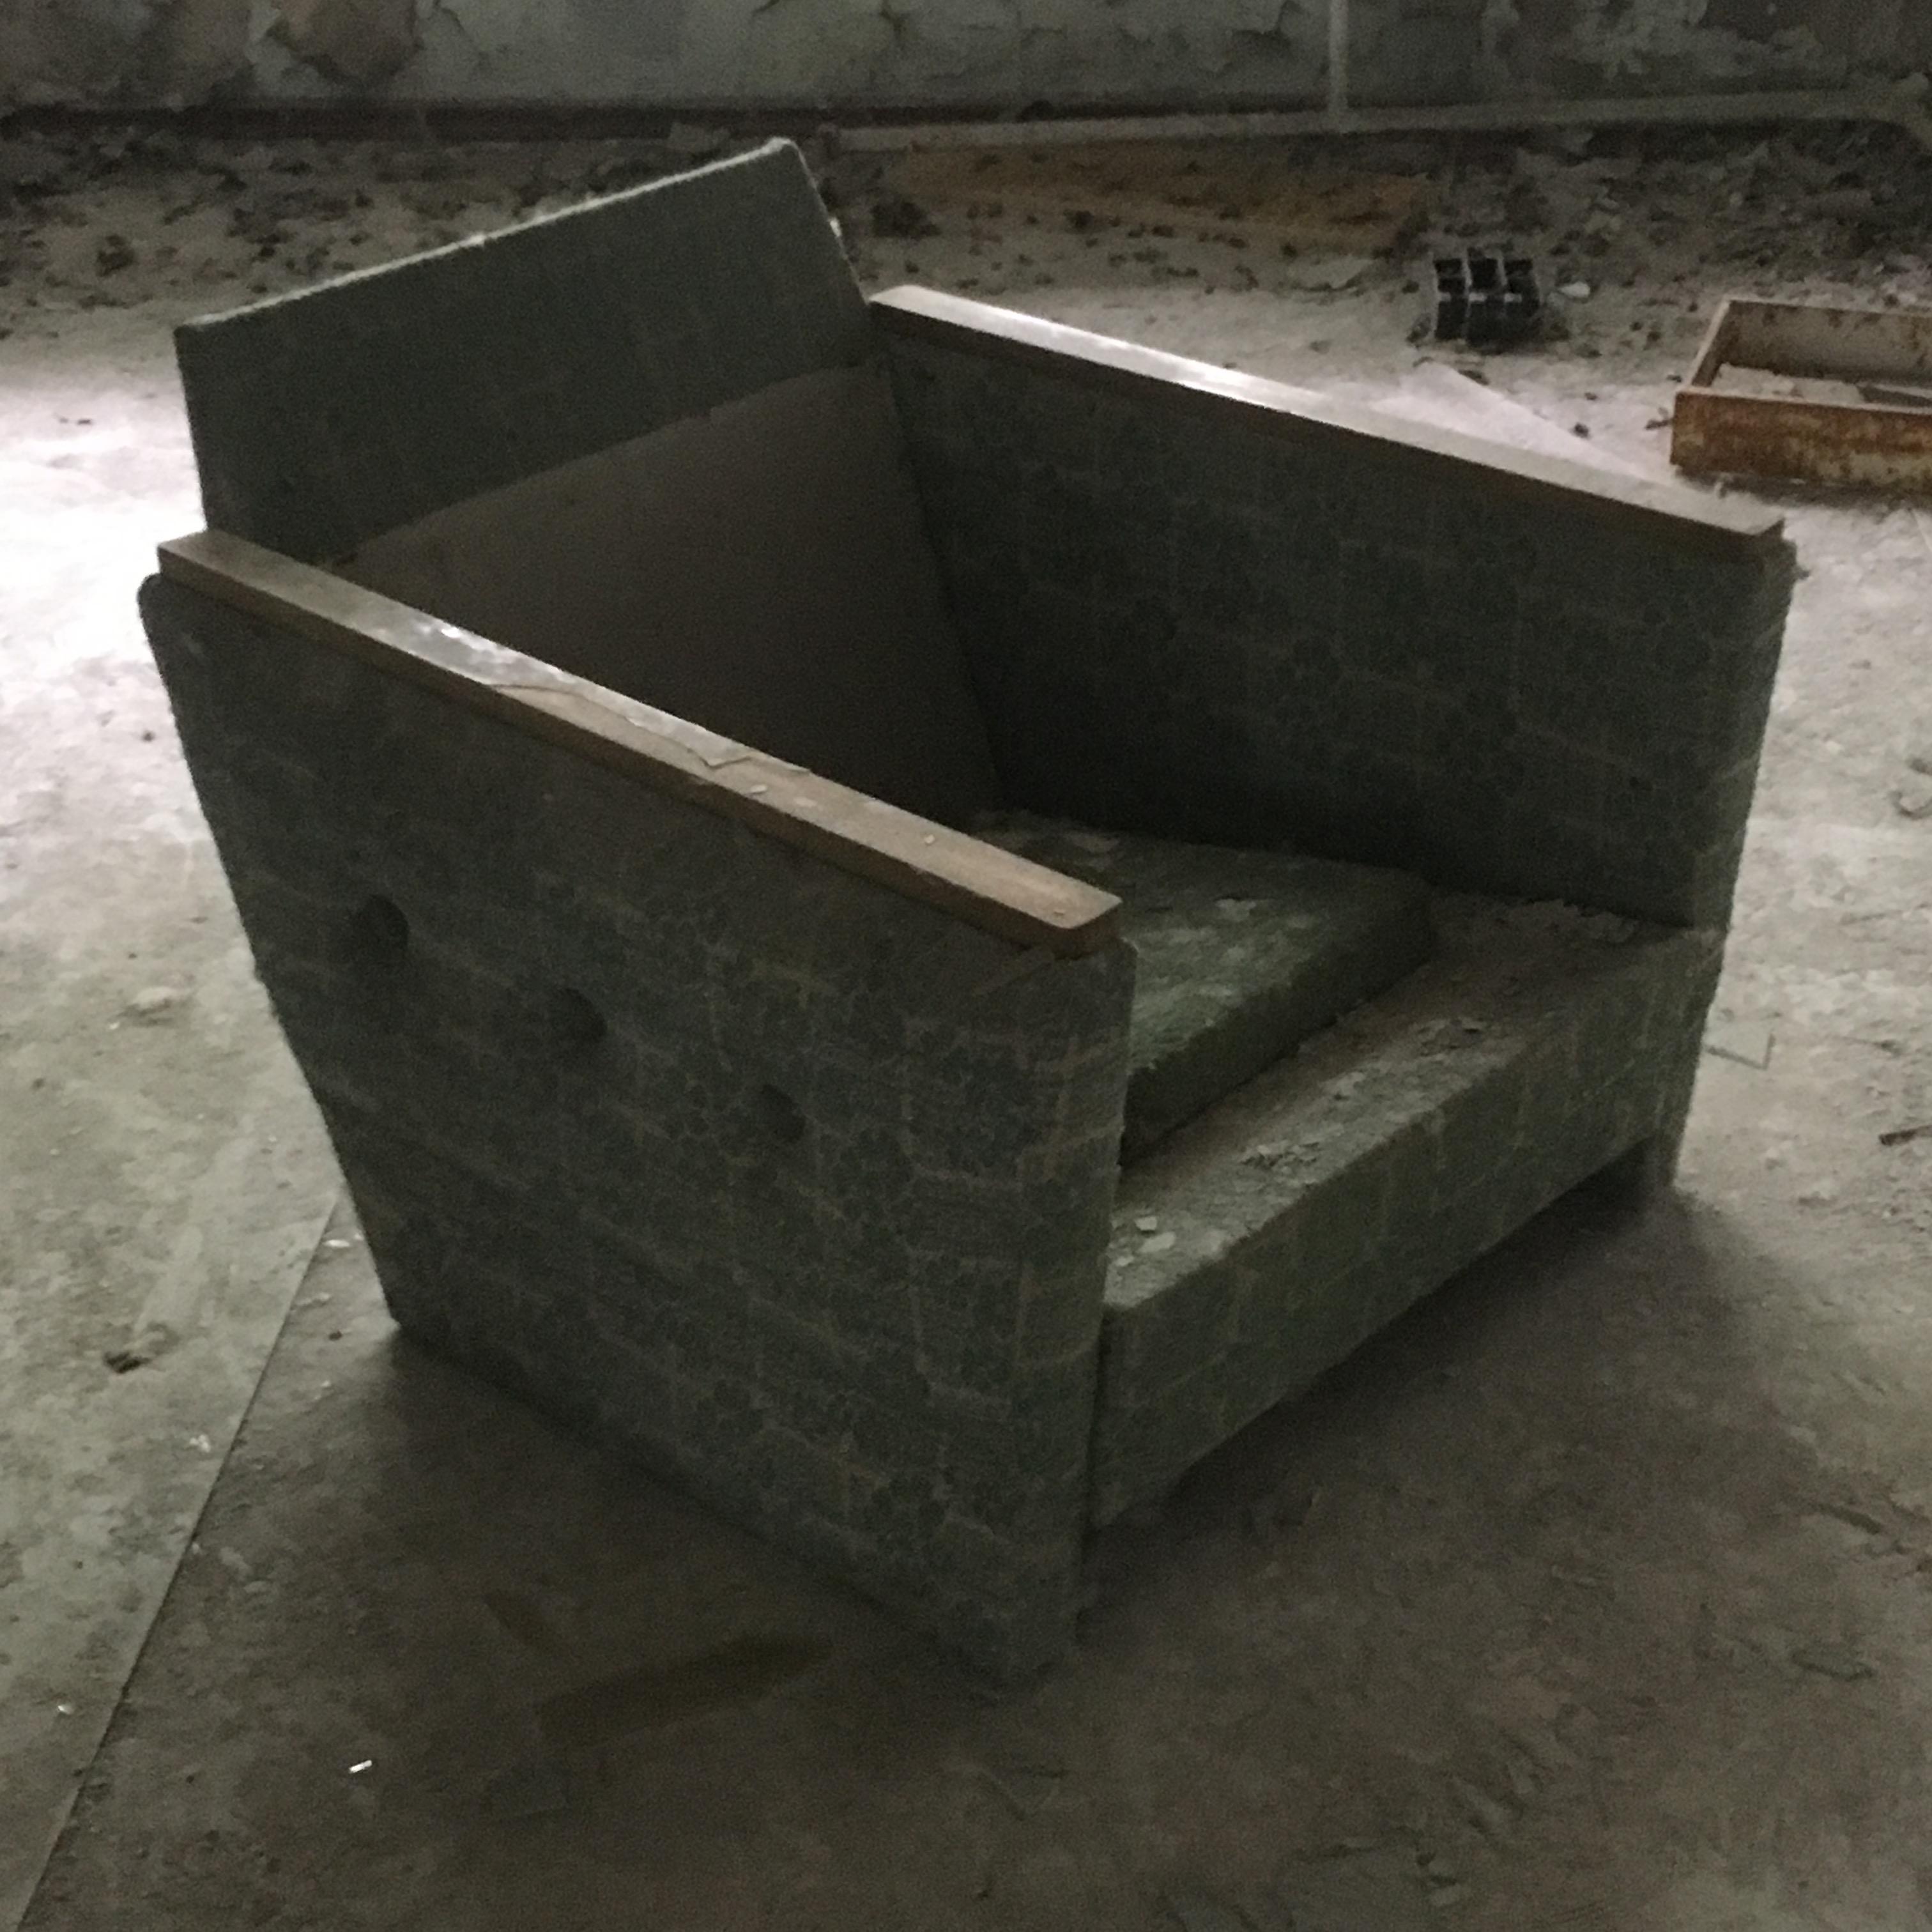 Chernobyl62